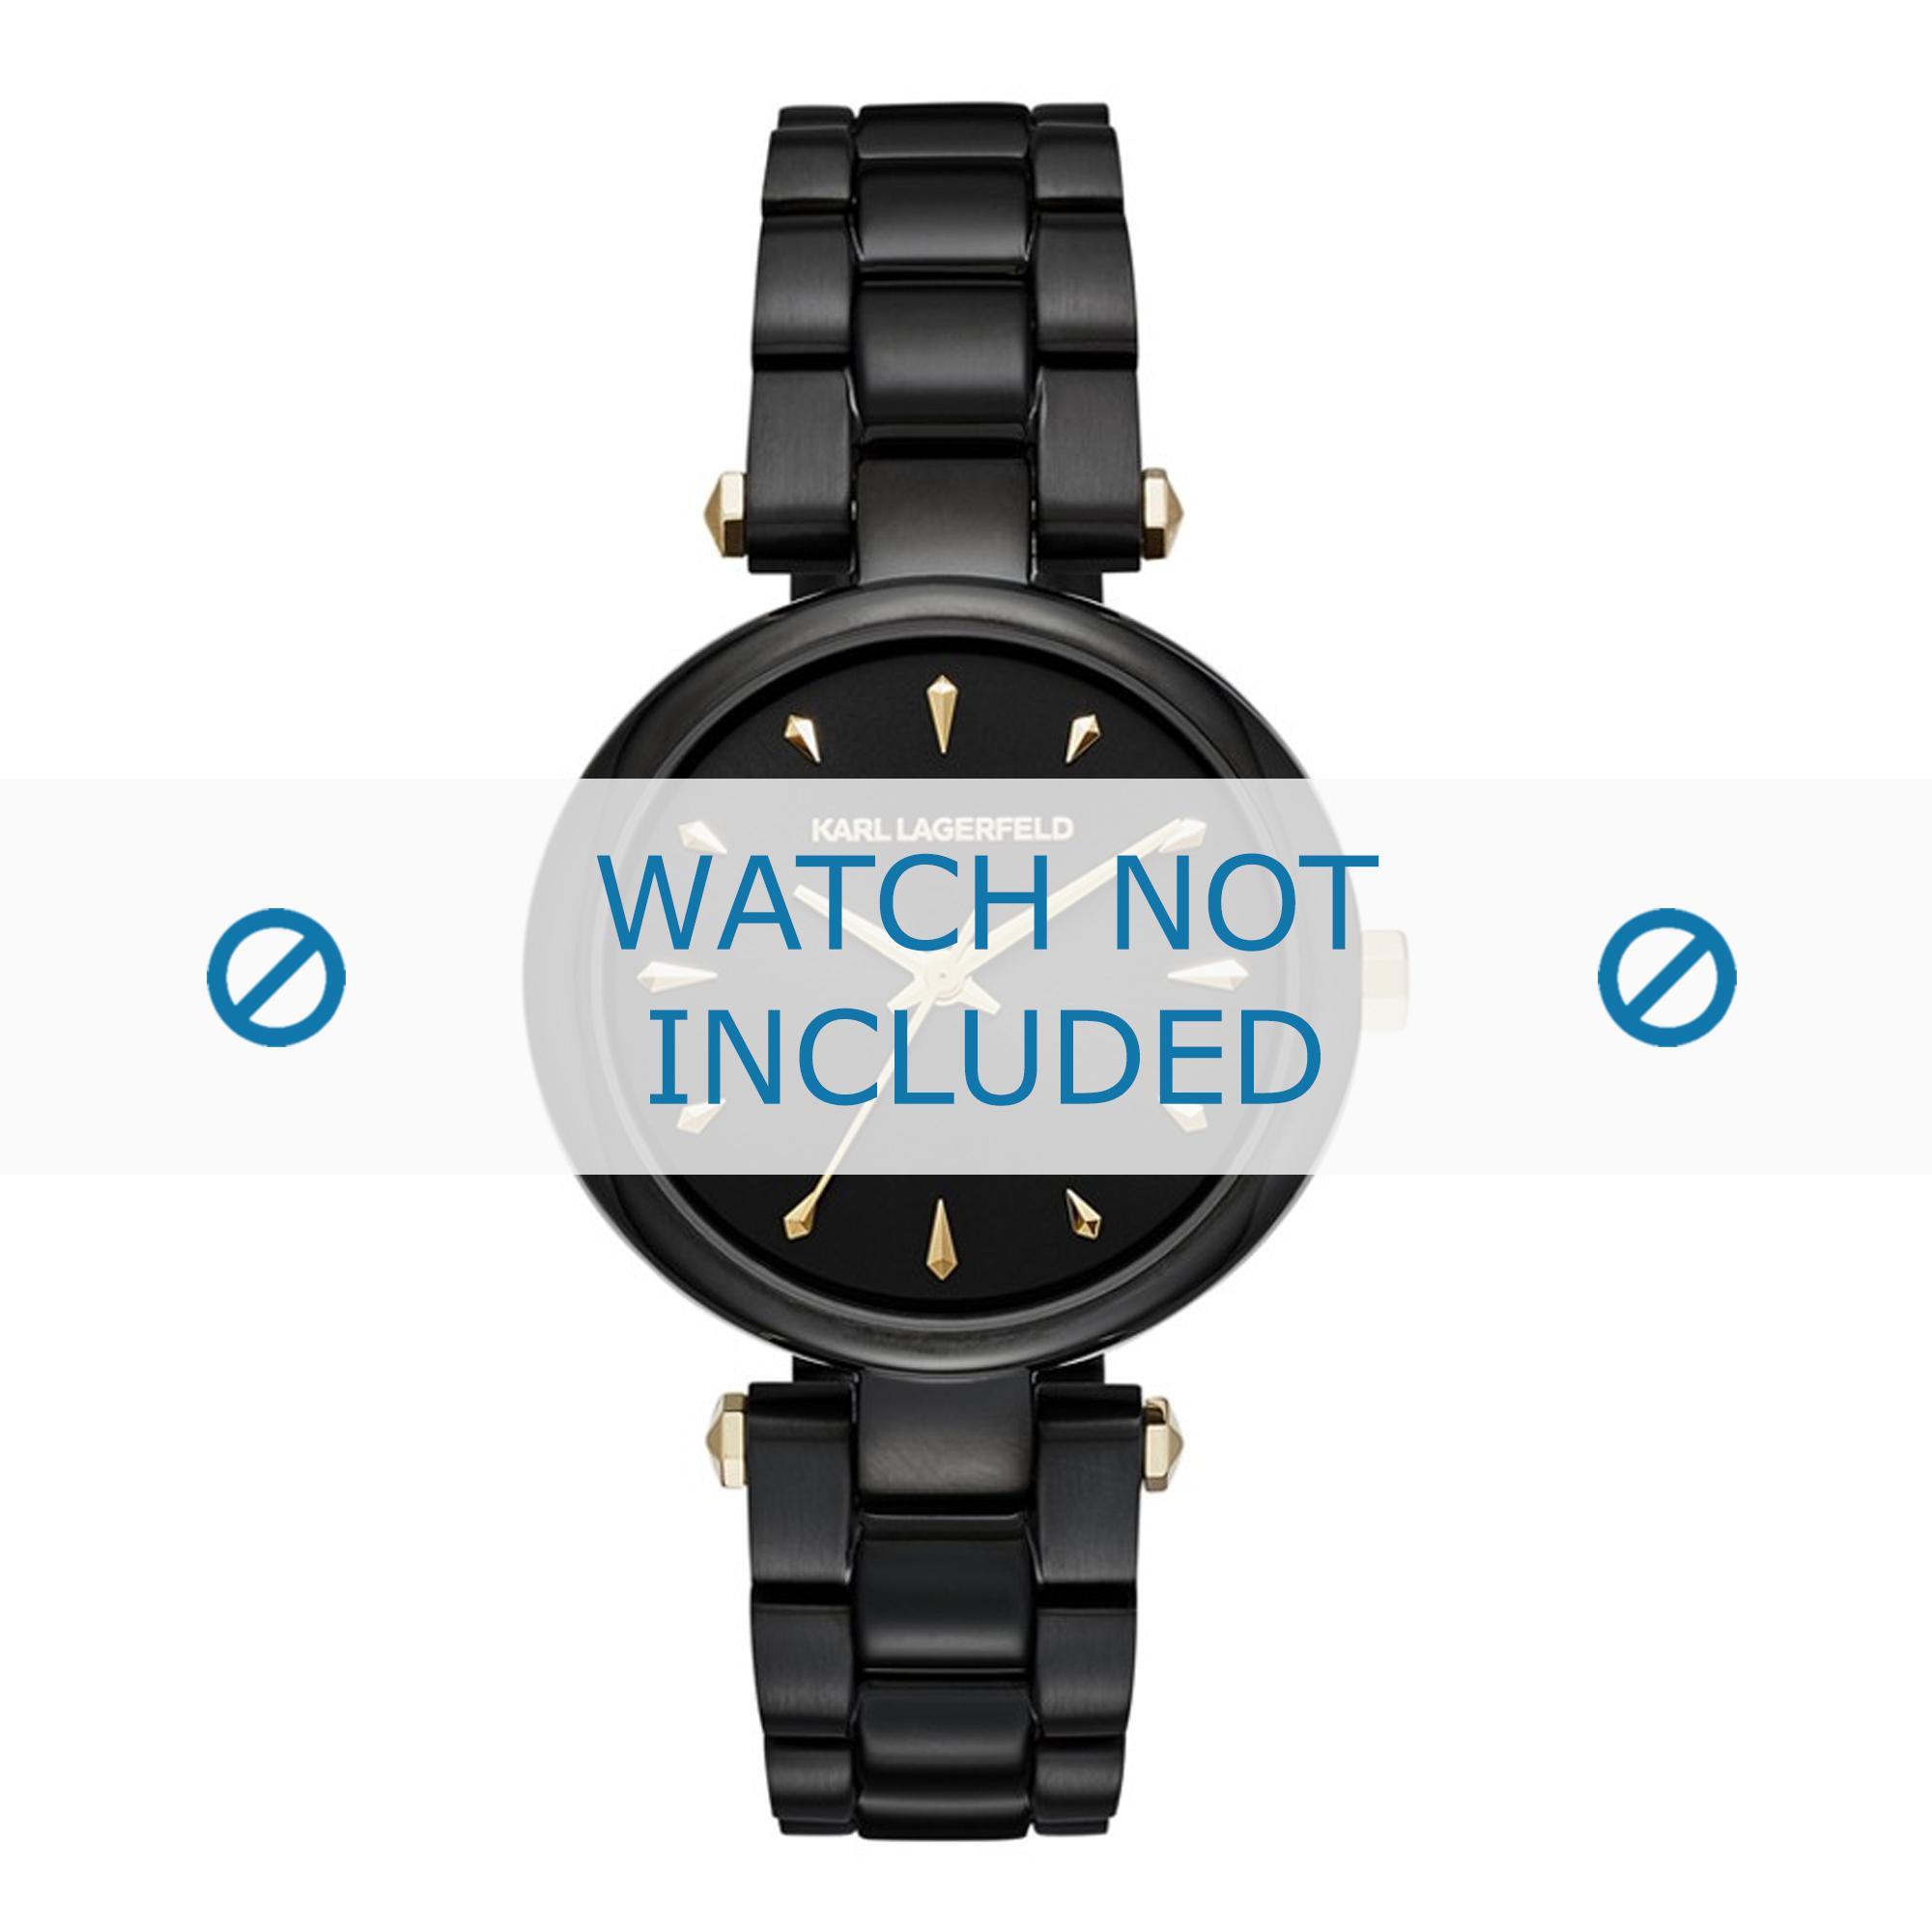 Karl Lagerfeld horlogeband KL5003 Staal Zwart